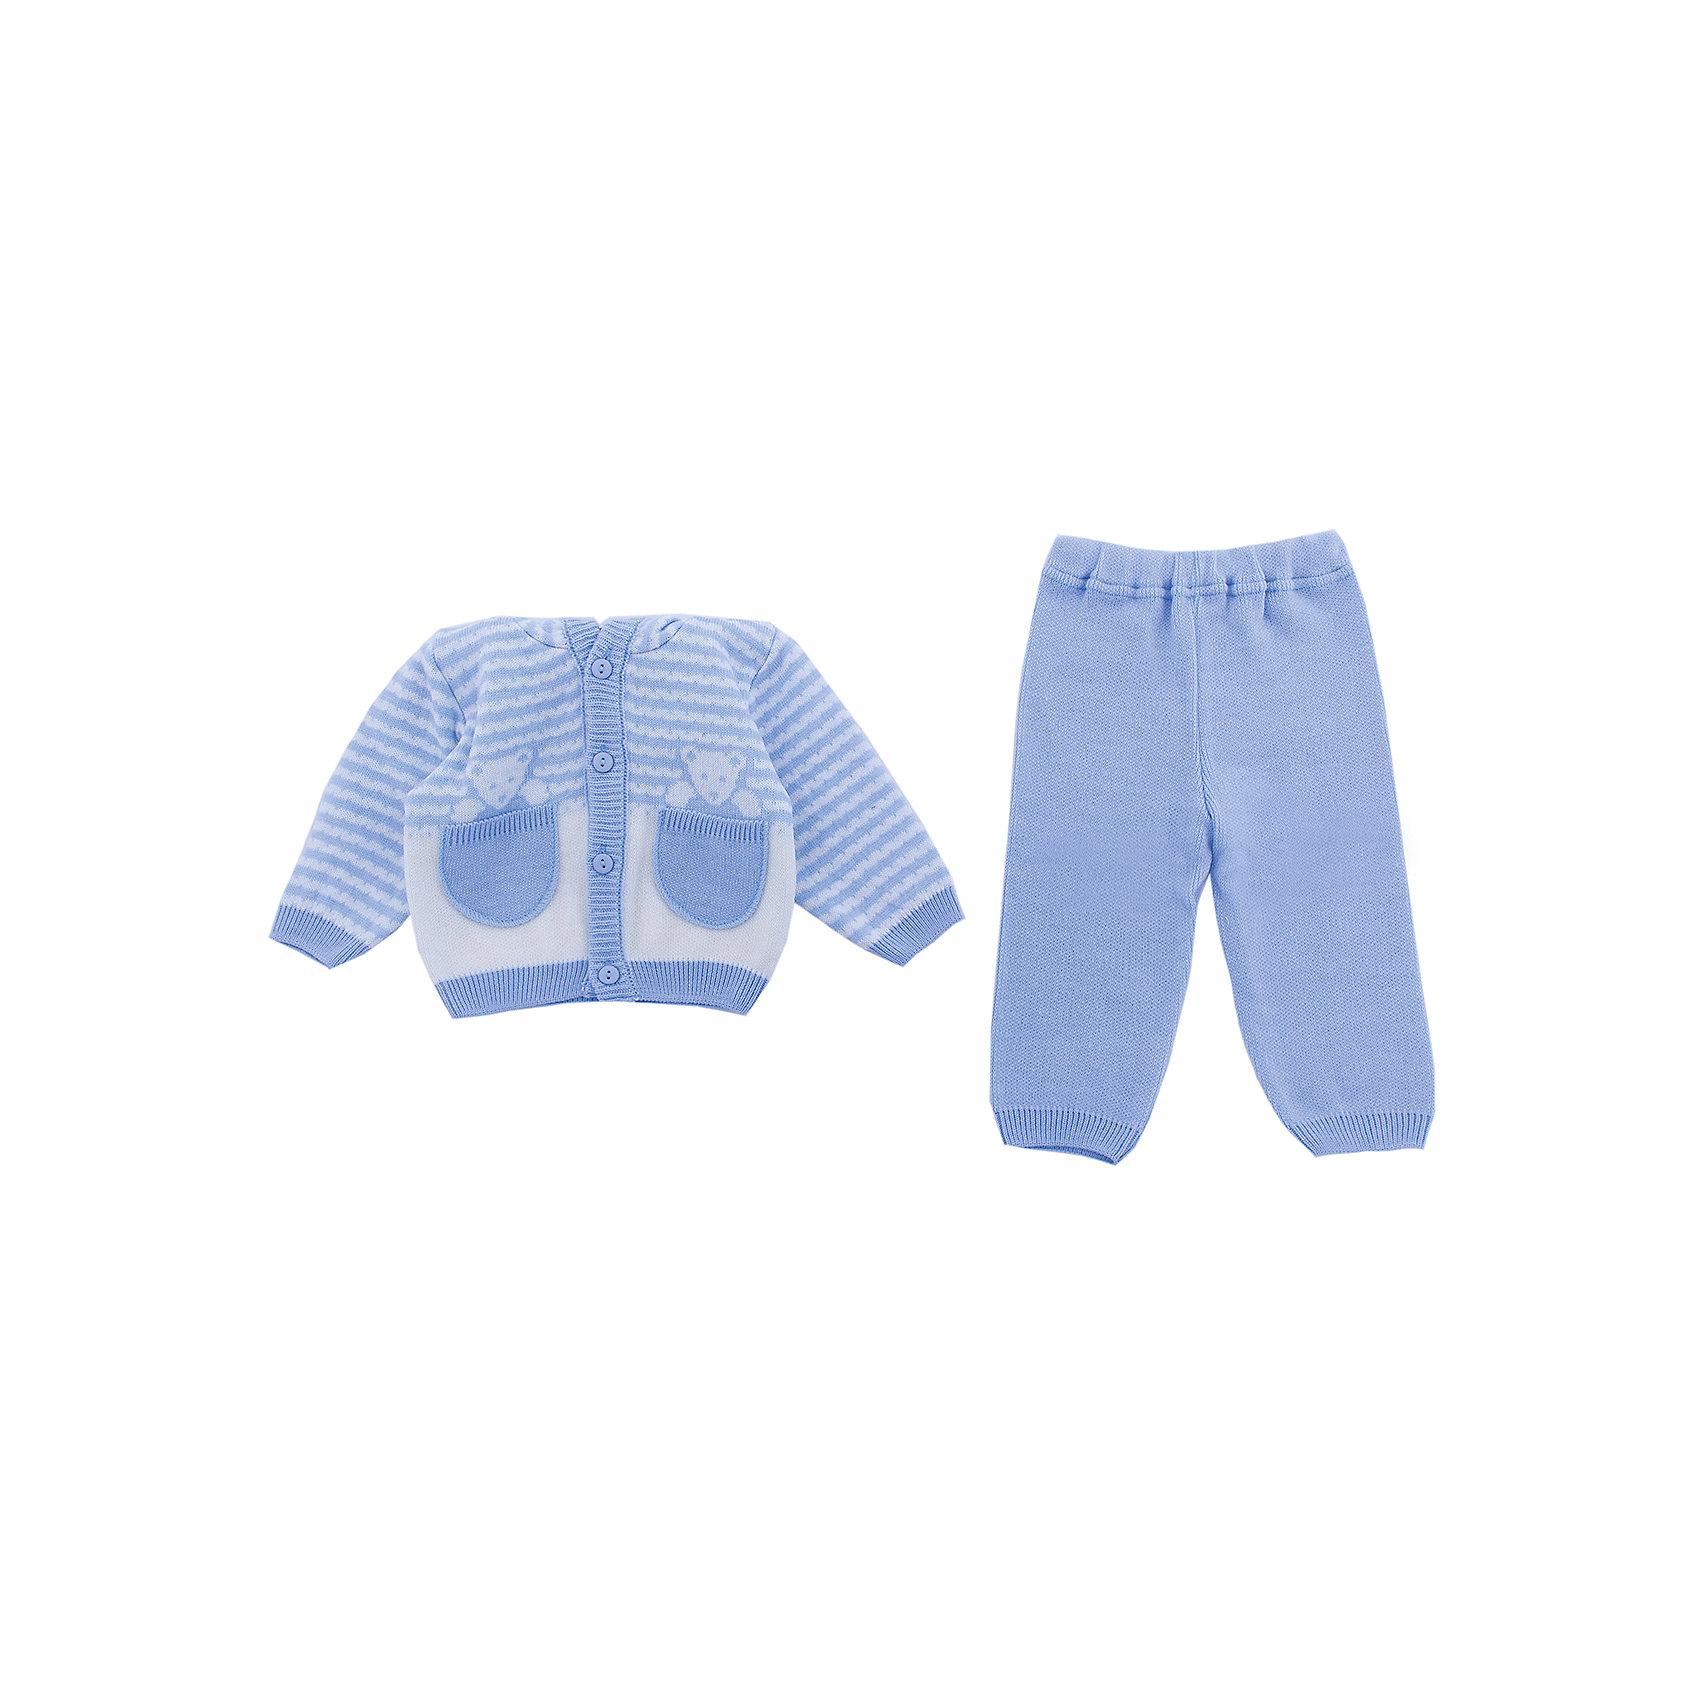 Комплект  Мишка в кармане Уси-Пуси для мальчикаКомплекты<br>Характеристики товара:<br><br>• цвет: голубой;<br>• ткань: вязаная;<br>• пол: мальчик;<br>• состав ткани: 50% шерсть, 50% пан;<br>• вид застежки: пуговицы;<br>• особенности модели: вязаная, с рисунком;<br>• сезон: демисезон;<br>• страна бренда: Россия;<br>• страна изготовитель: Россия.<br> <br>Комплект детский вязанный (брючки, кофточка) «Мишка в кармане» выполнен из мягкой пряжи. Комплек с открытыми ручками и ножками,с капюшоном, застежка пуговицы, рисунок в полоску.<br><br>Два карманчика, из которых выглядывают медвежатки, делают модель необычной. Детский комплект подойдет для любого времени года: его можно носить как летом, так и зимой.<br><br>Комплект детский вязанный «Мишка в кармане» Уси-Пуси для мальчика можно купить в нашем интернет-магазине.<br><br>Ширина мм: 157<br>Глубина мм: 13<br>Высота мм: 119<br>Вес г: 200<br>Цвет: голубой<br>Возраст от месяцев: 12<br>Возраст до месяцев: 18<br>Пол: Мужской<br>Возраст: Детский<br>Размер: 80/86,62/68,68/74,74/80<br>SKU: 7029575